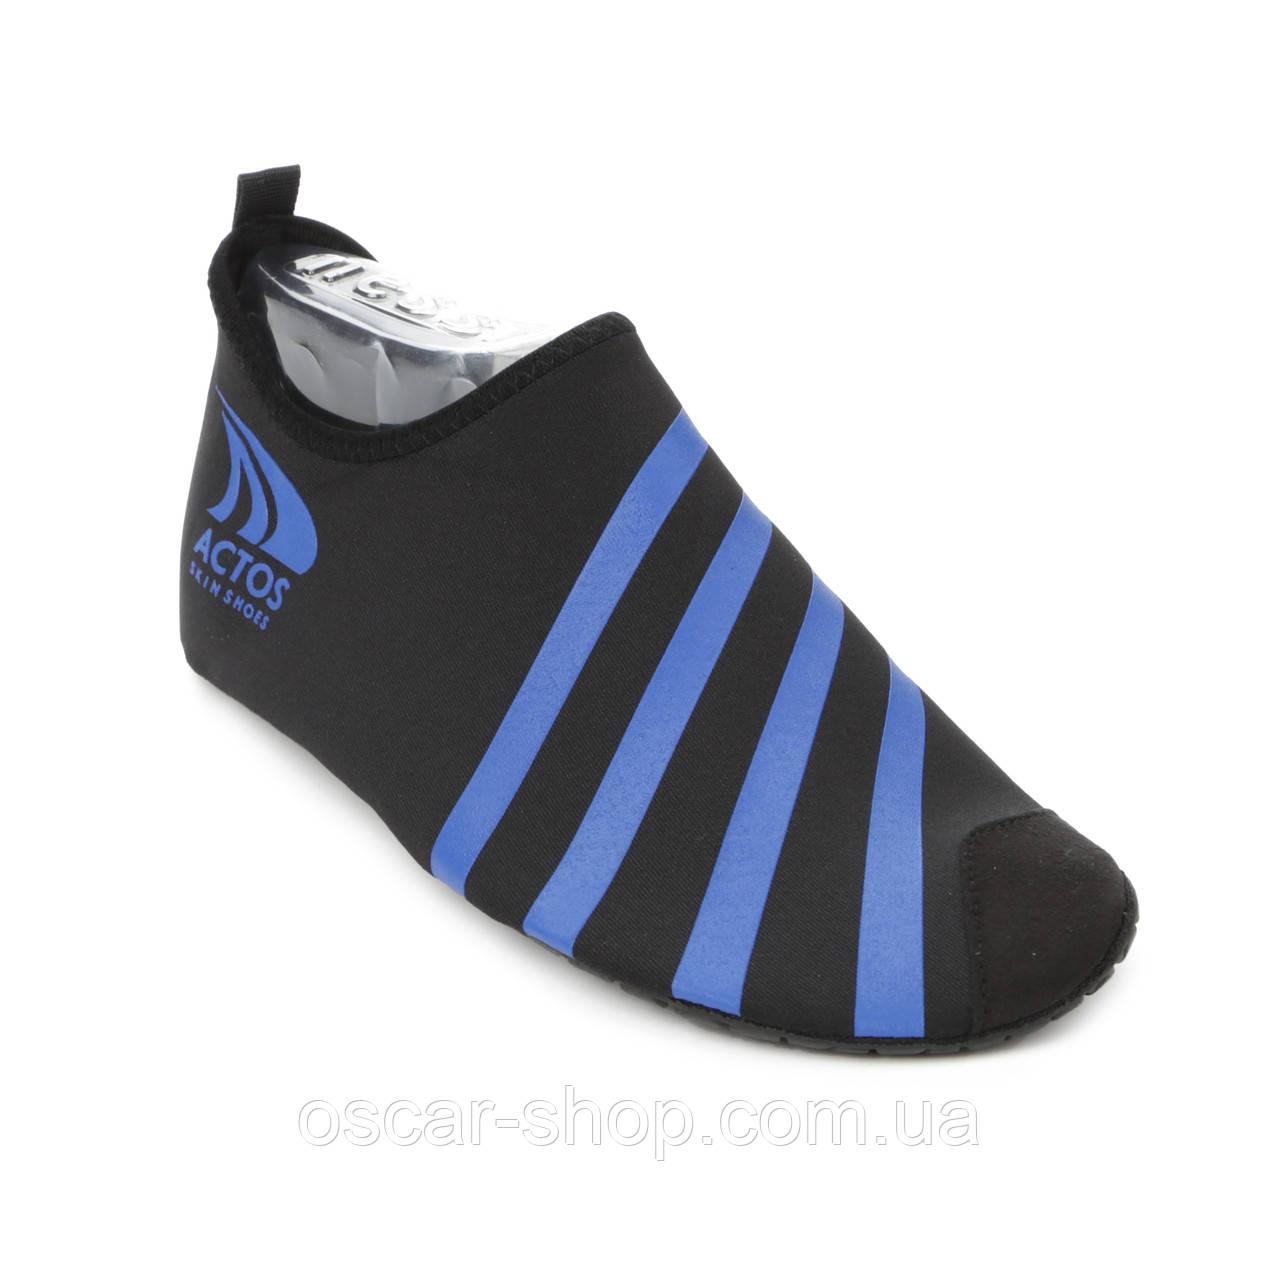 Взуття Actos Skin Shoes (розм. 37-37,5) Blue / Взуття для плавання / Взуття для спорту / Чешки для йоги / опт